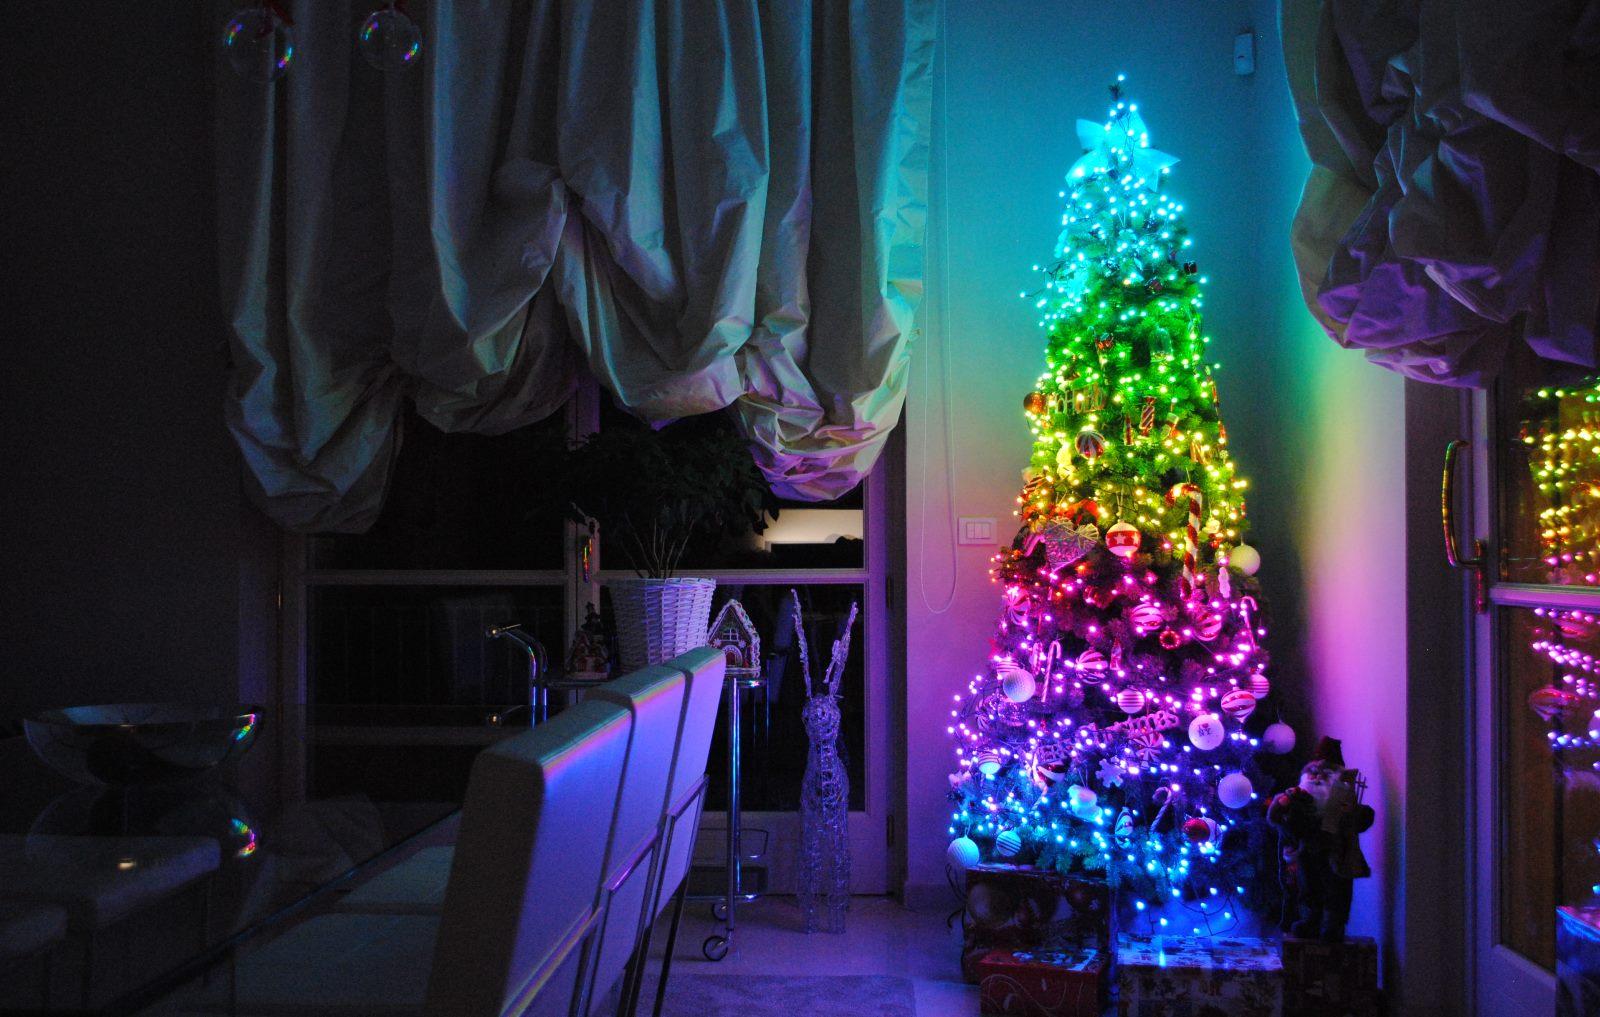 Tannenbaum Netzgerät.Twinkly Weihnachtsbeleuchtung